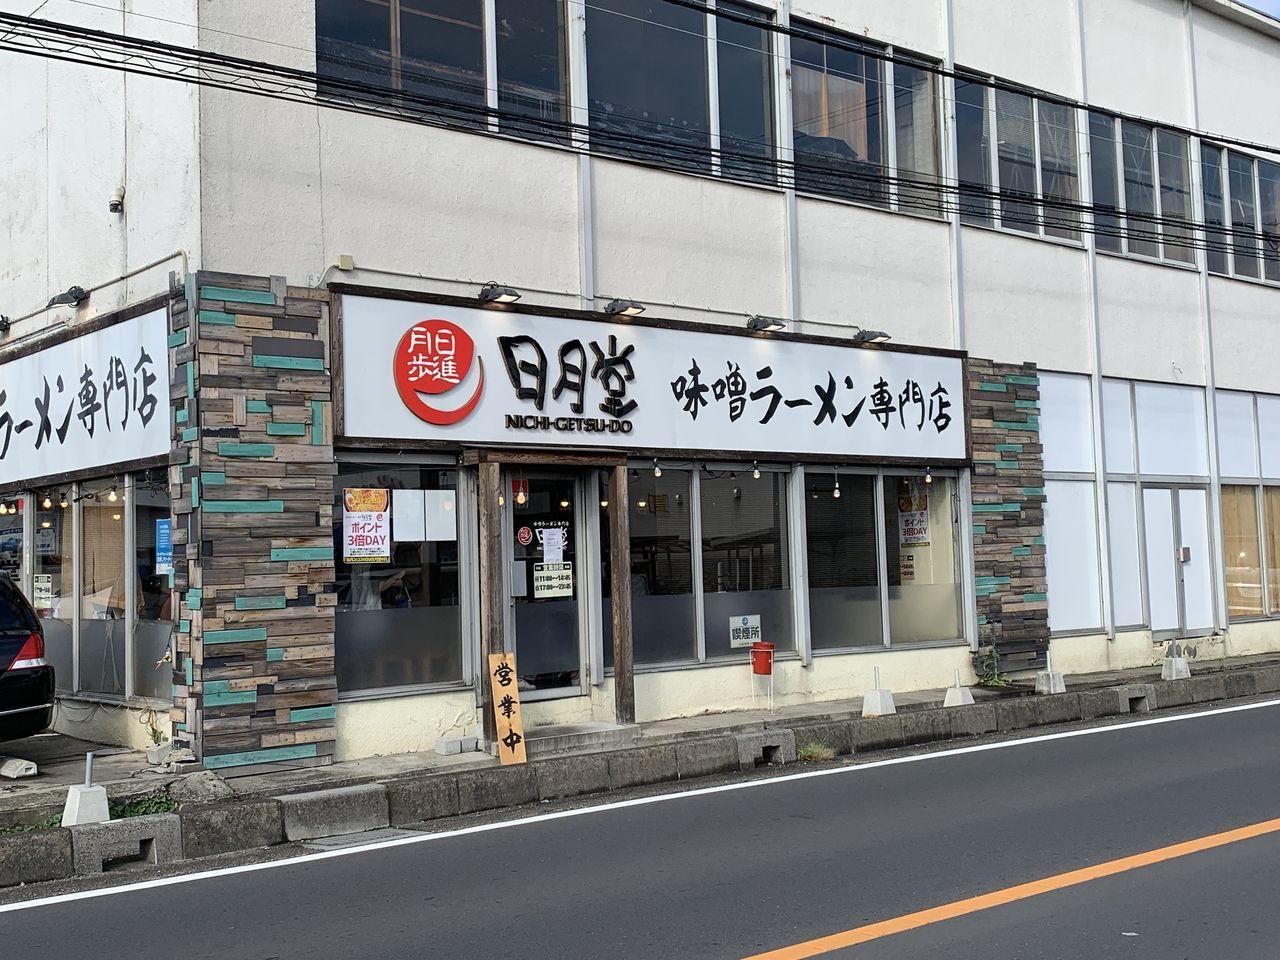 【三郷市食べ歩きブログ】三郷市上彦名にある味噌ラーメン専門店「日月堂 三郷店」へ